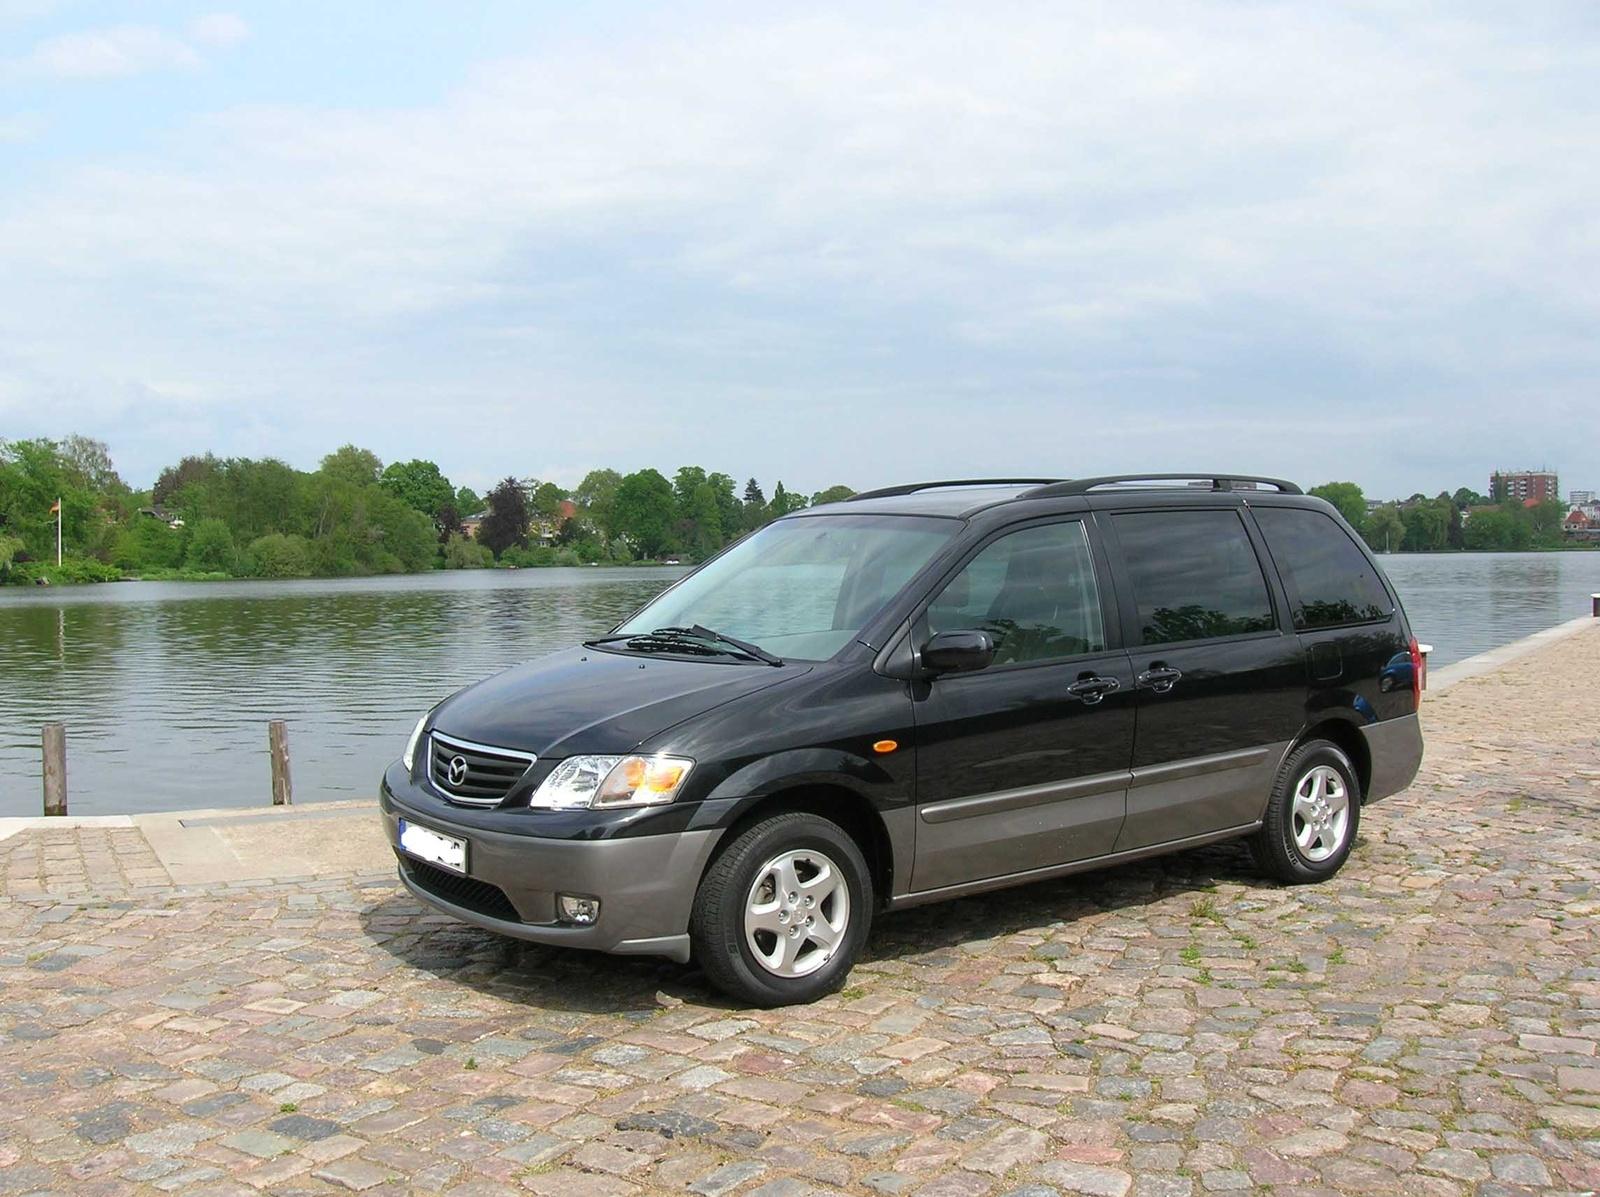 Picture of 2004 Mazda MPV